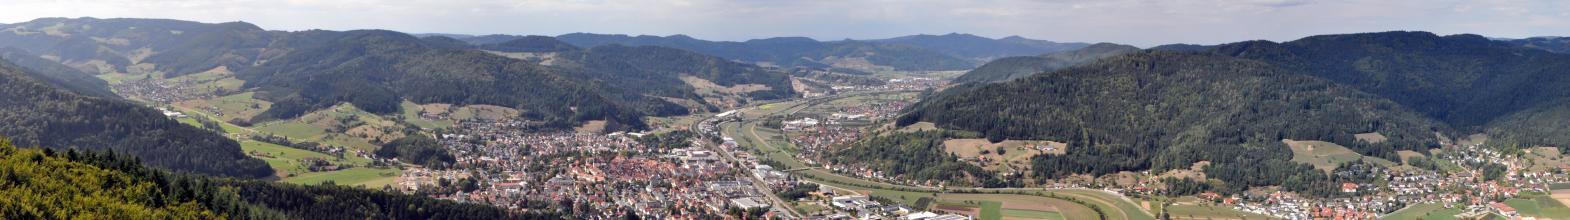 Panoramabild eines breiten Flusstales mit mehreren Siedlungen sowie links und rechts angrenzenden, bewaldeten Höhen.